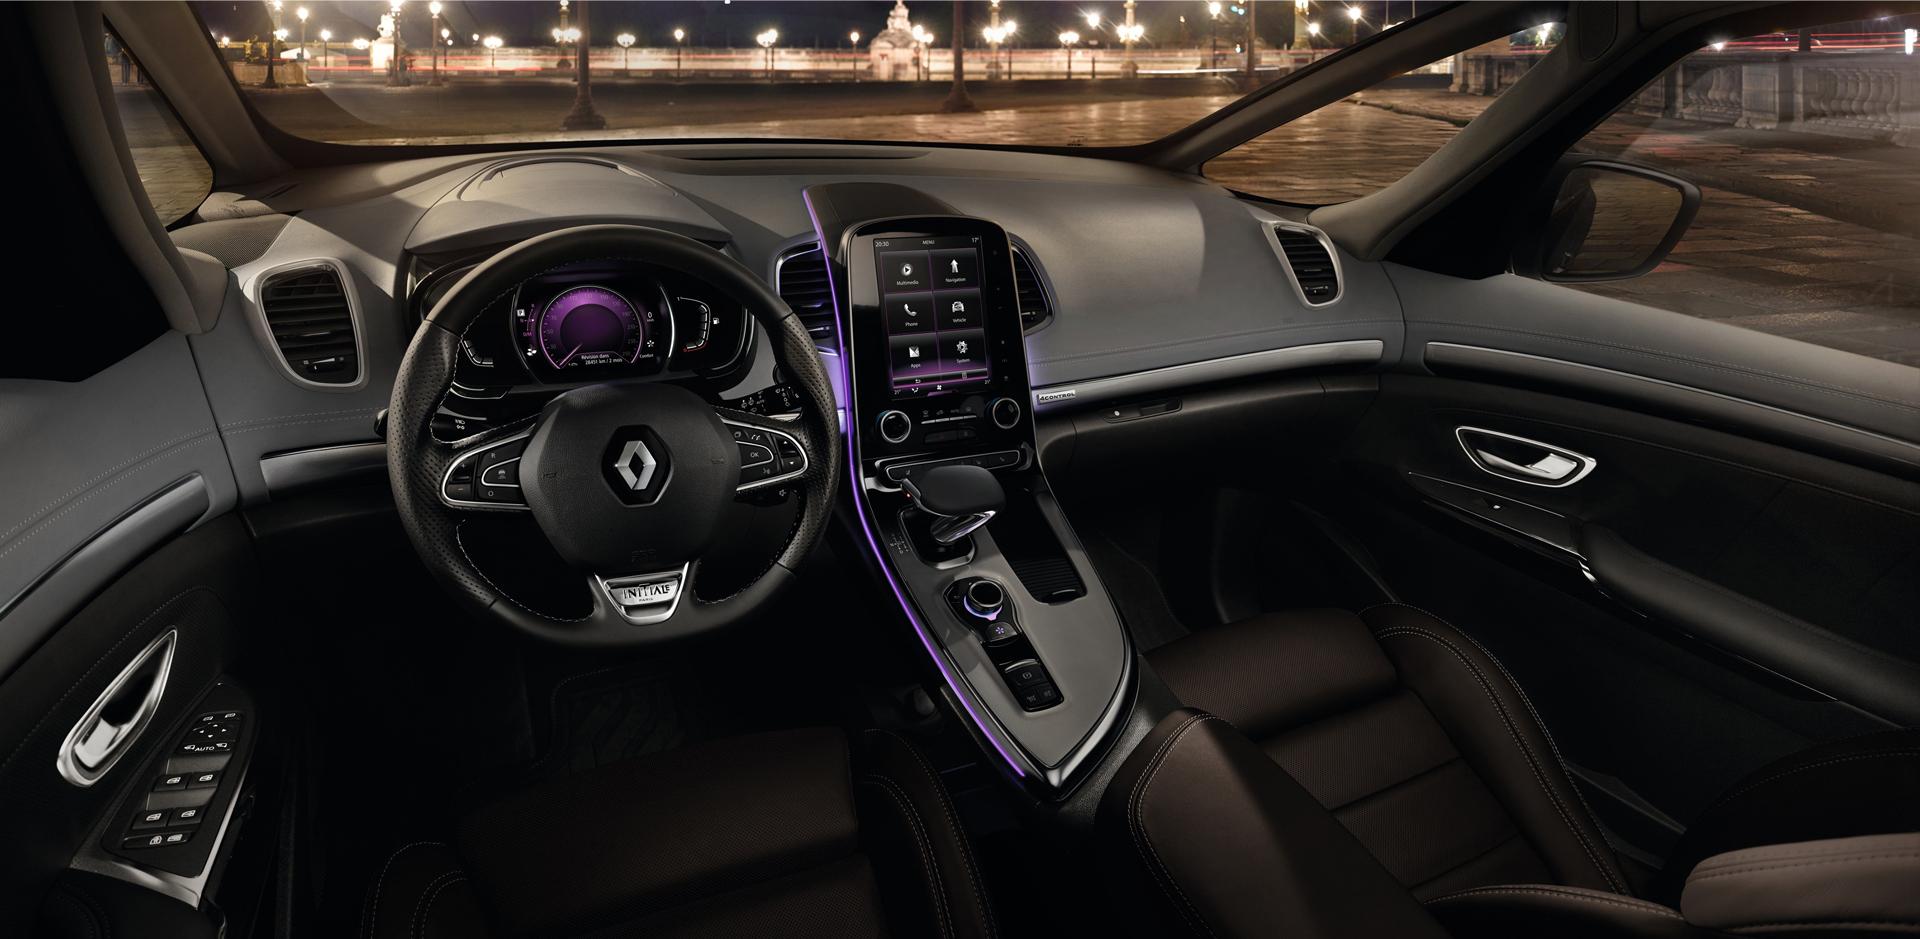 Renault Espace 2015 - Initiale Paris - volant / wheel